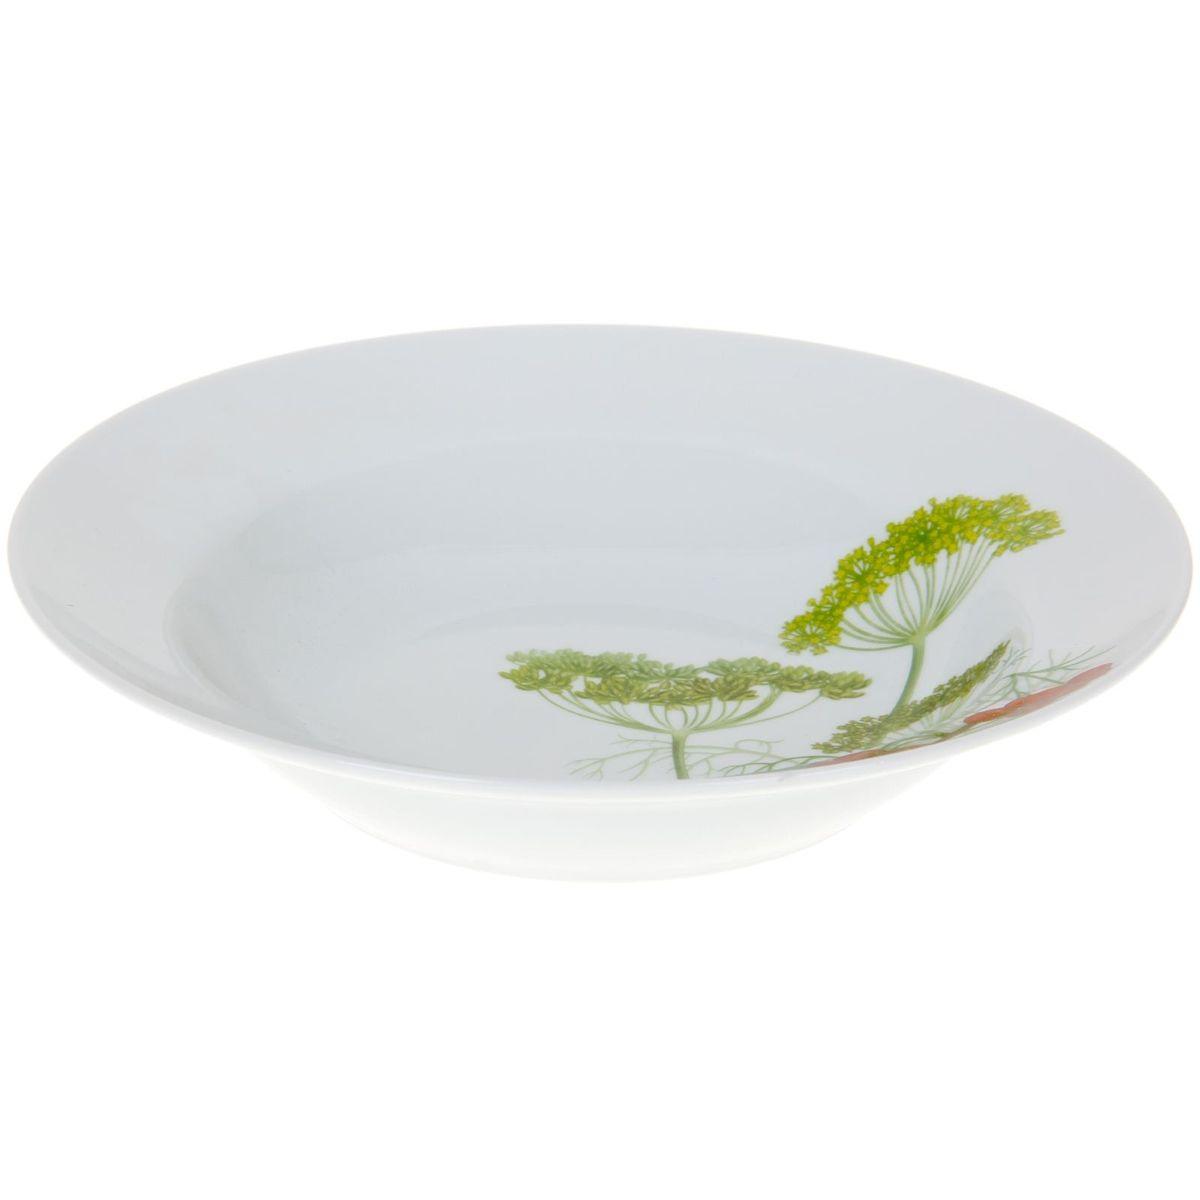 Тарелка глубокая Идиллия. Садочек, диаметр 24 см1224529Глубокая тарелка Идиллия. Садочек выполнена из высококачественного фарфора и украшена ярким рисунком. Она прекрасно впишется в интерьер вашей кухни и станет достойным дополнением к кухонному инвентарю. Тарелка Идиллия. Садочек подчеркнет прекрасный вкус хозяйки и станет отличным подарком.